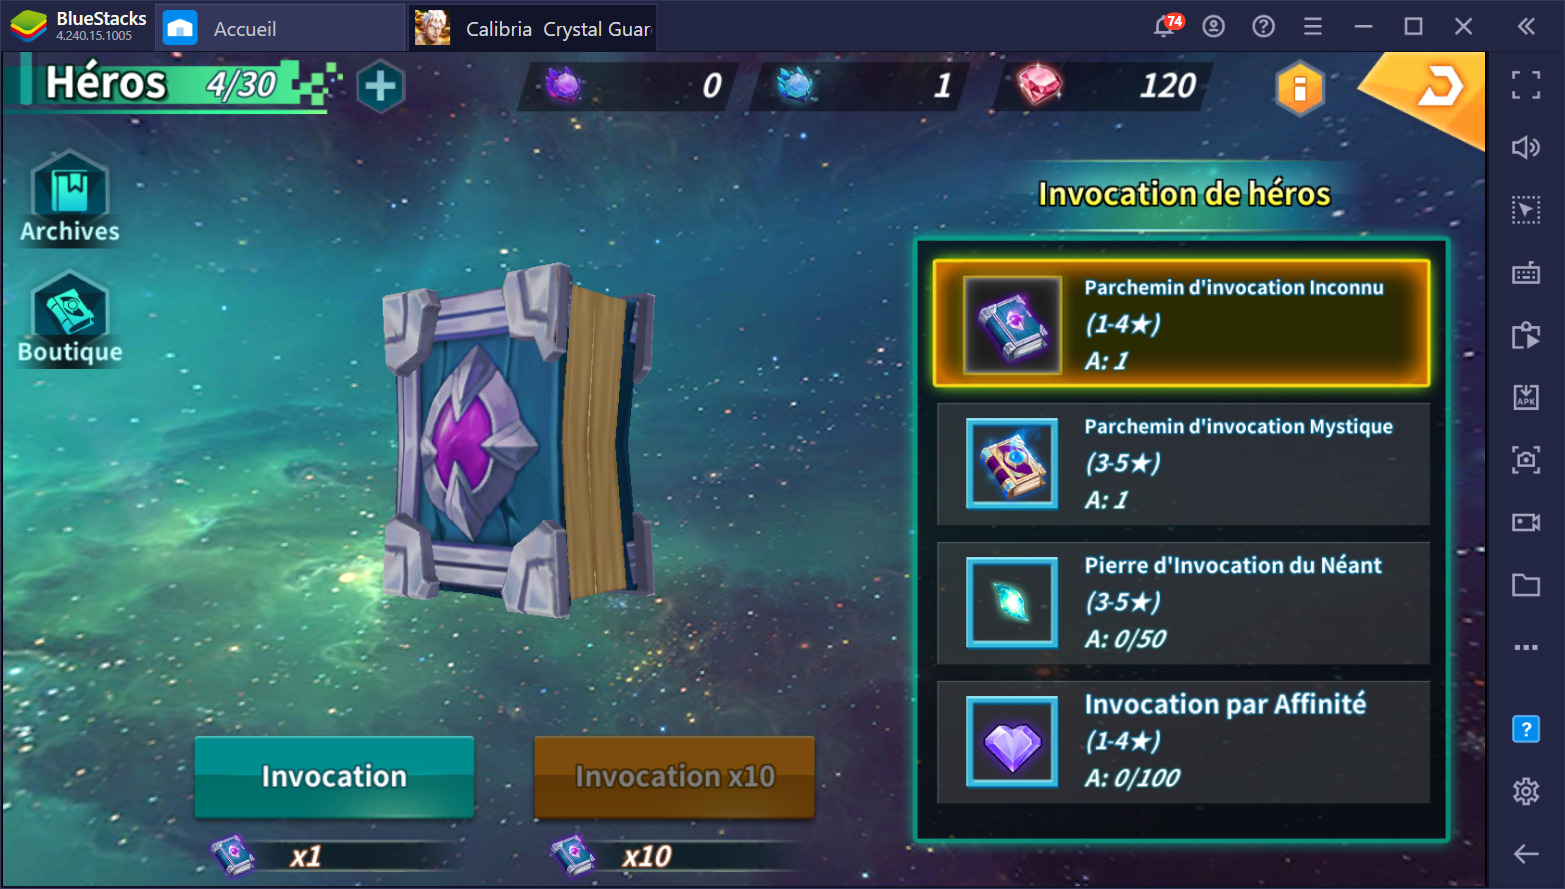 Calibria : Crystal Guardians sur PC – Trucs et astuces pour débutants